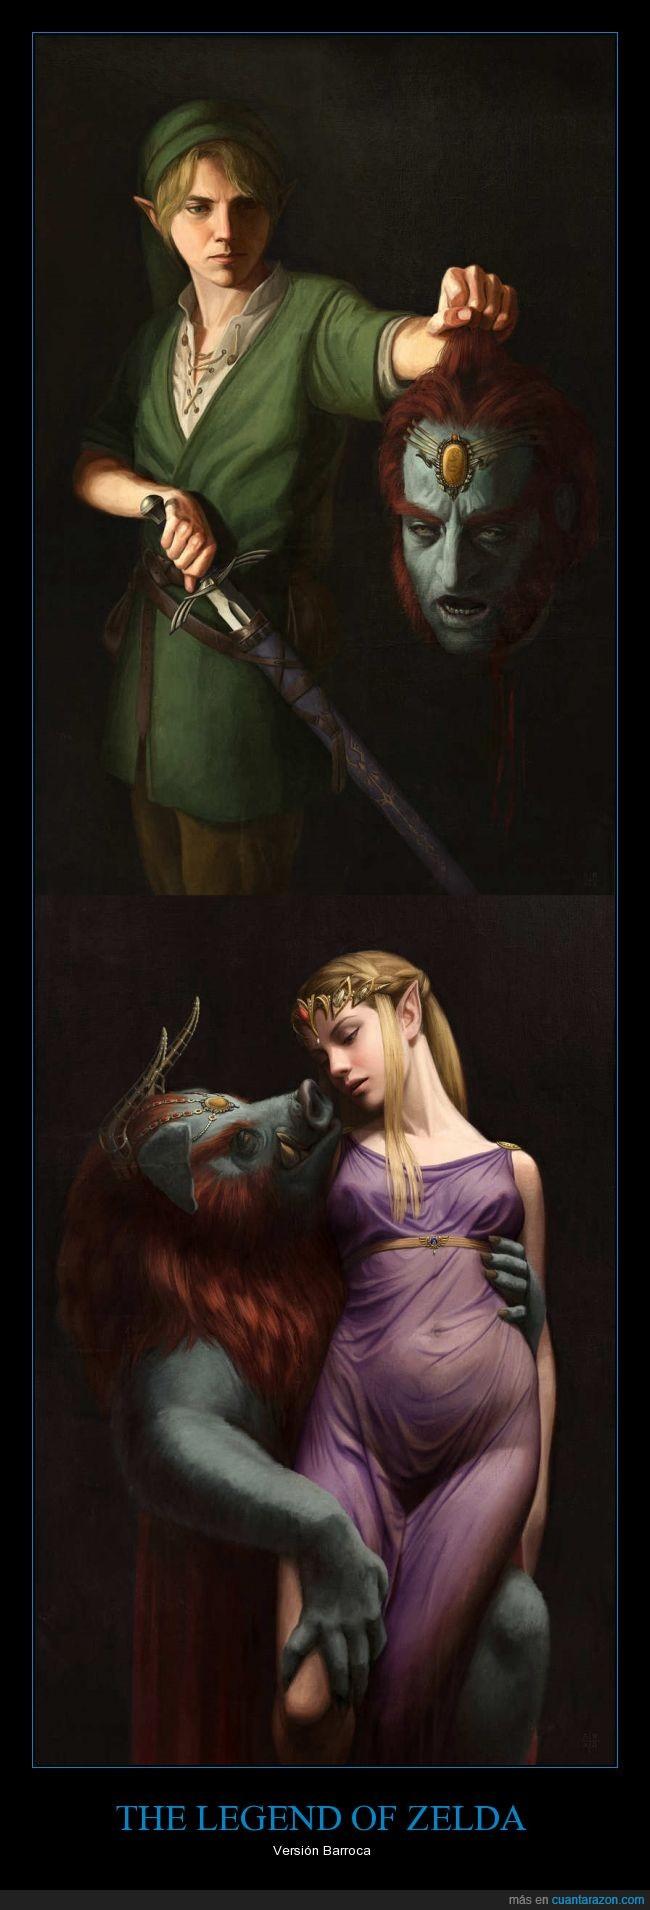 Arte,Barroco,En la fuente hay una mas con Zelda Desnuda...,Link,Zelda